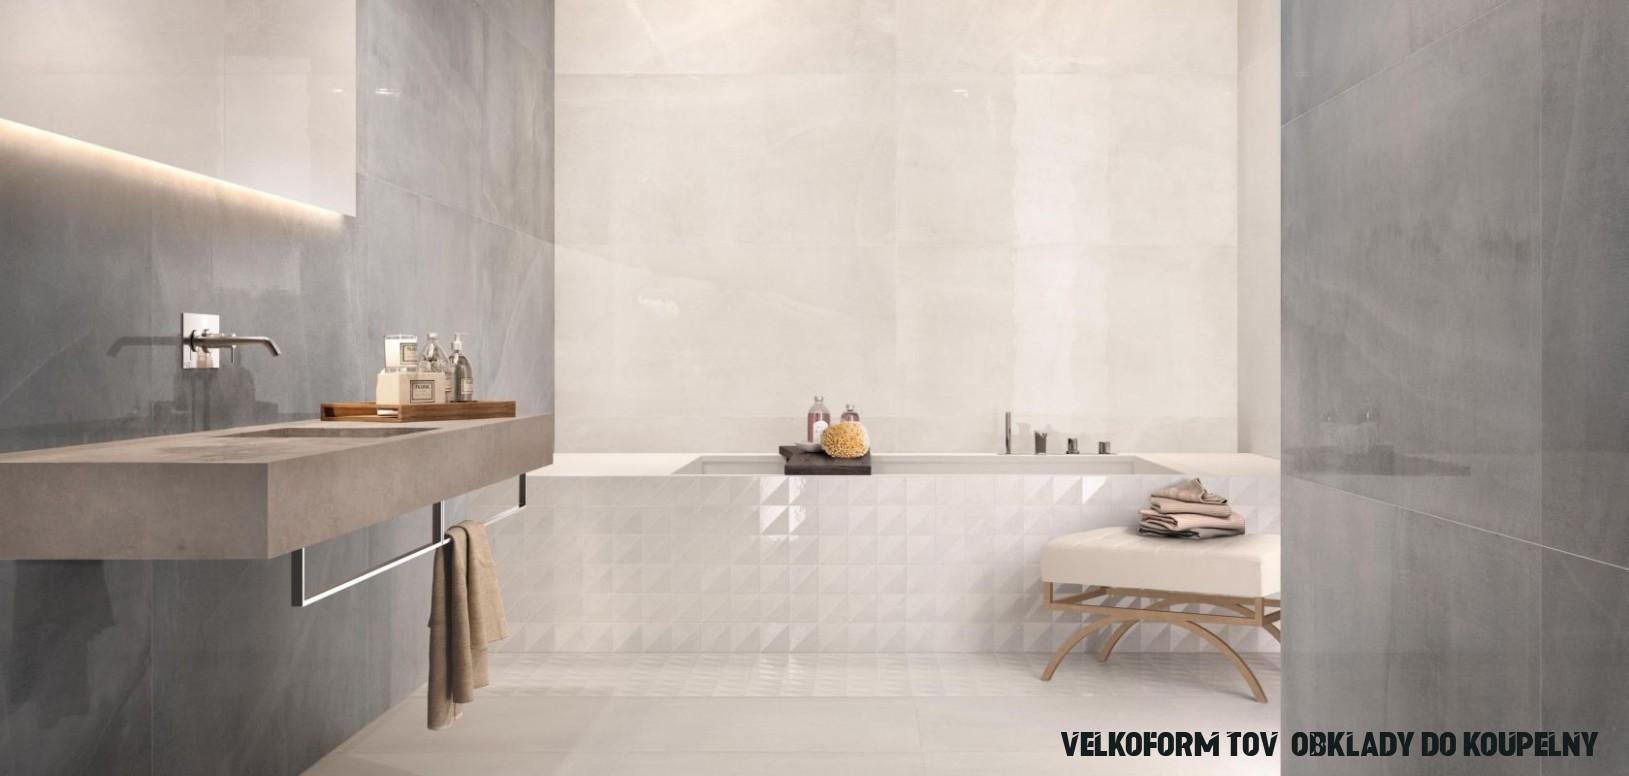 Velkoformátové obklady a dlažby do koupelny  M.B.Keramika